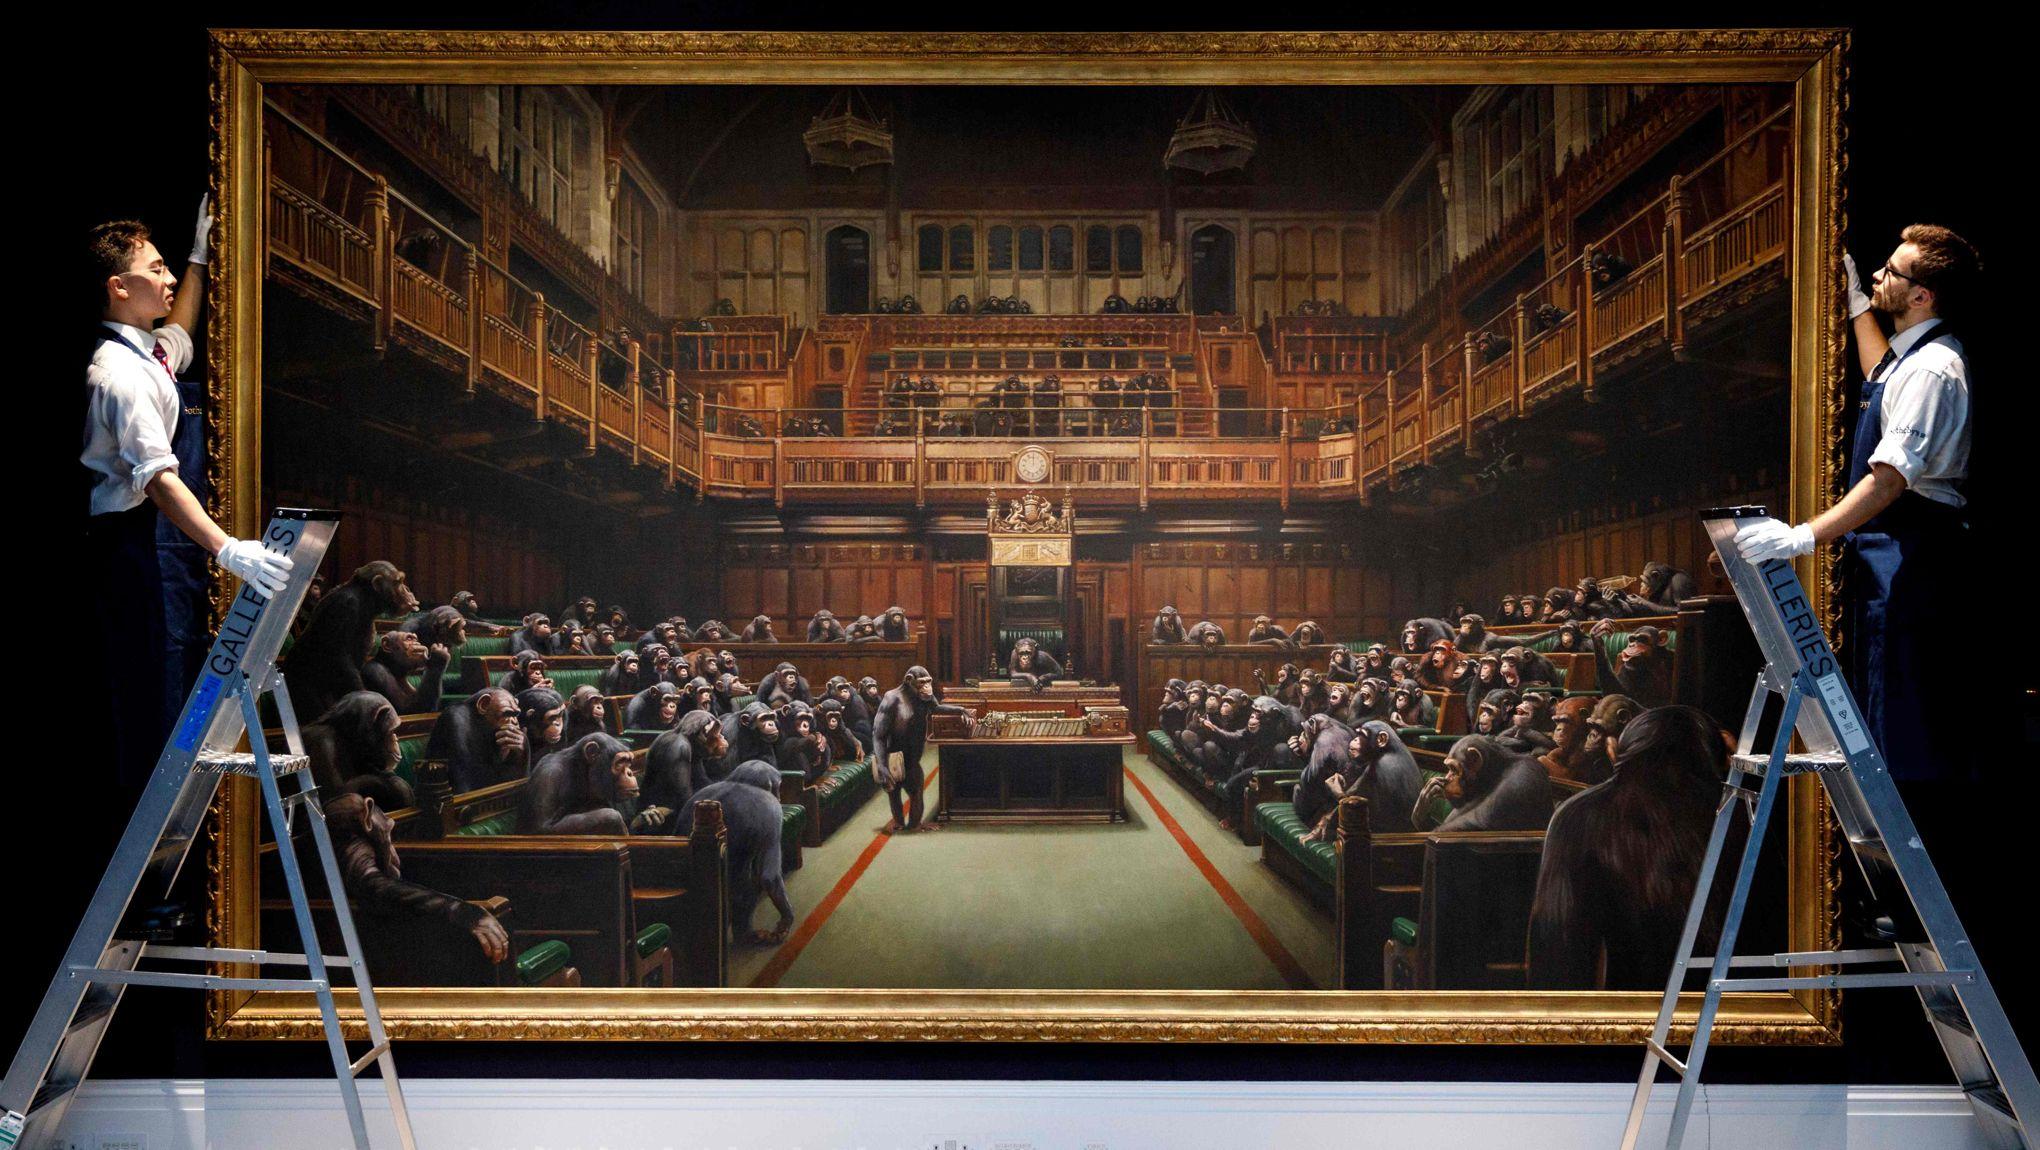 Des chimpanzés au parlement britannique: une œuvre de Banksy critique du Brexit aux enchères